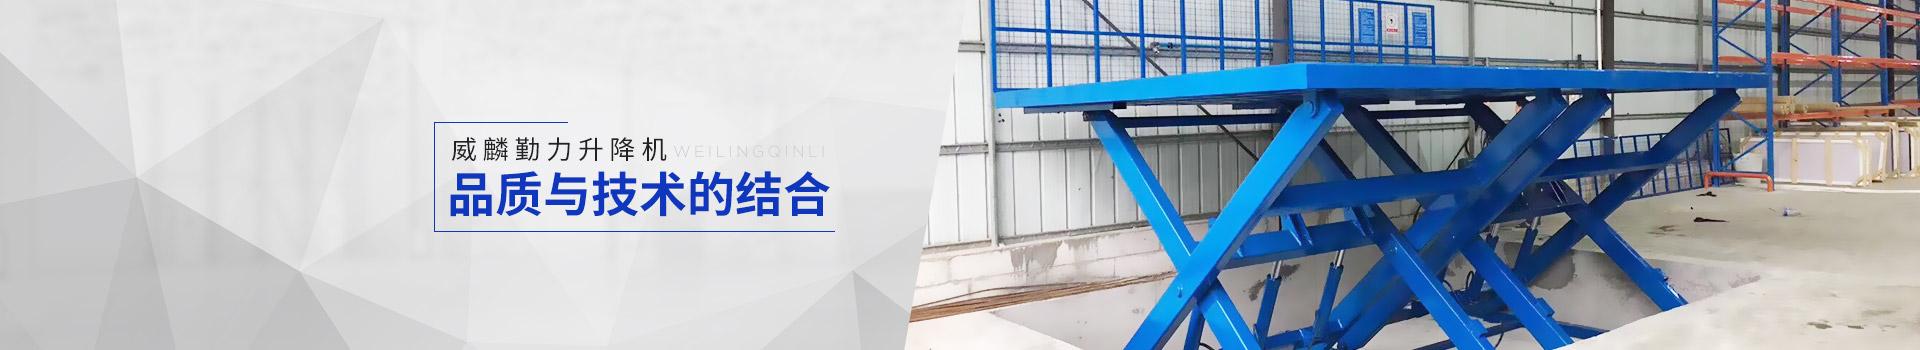 威麟勤力升降机品质与技术的结合